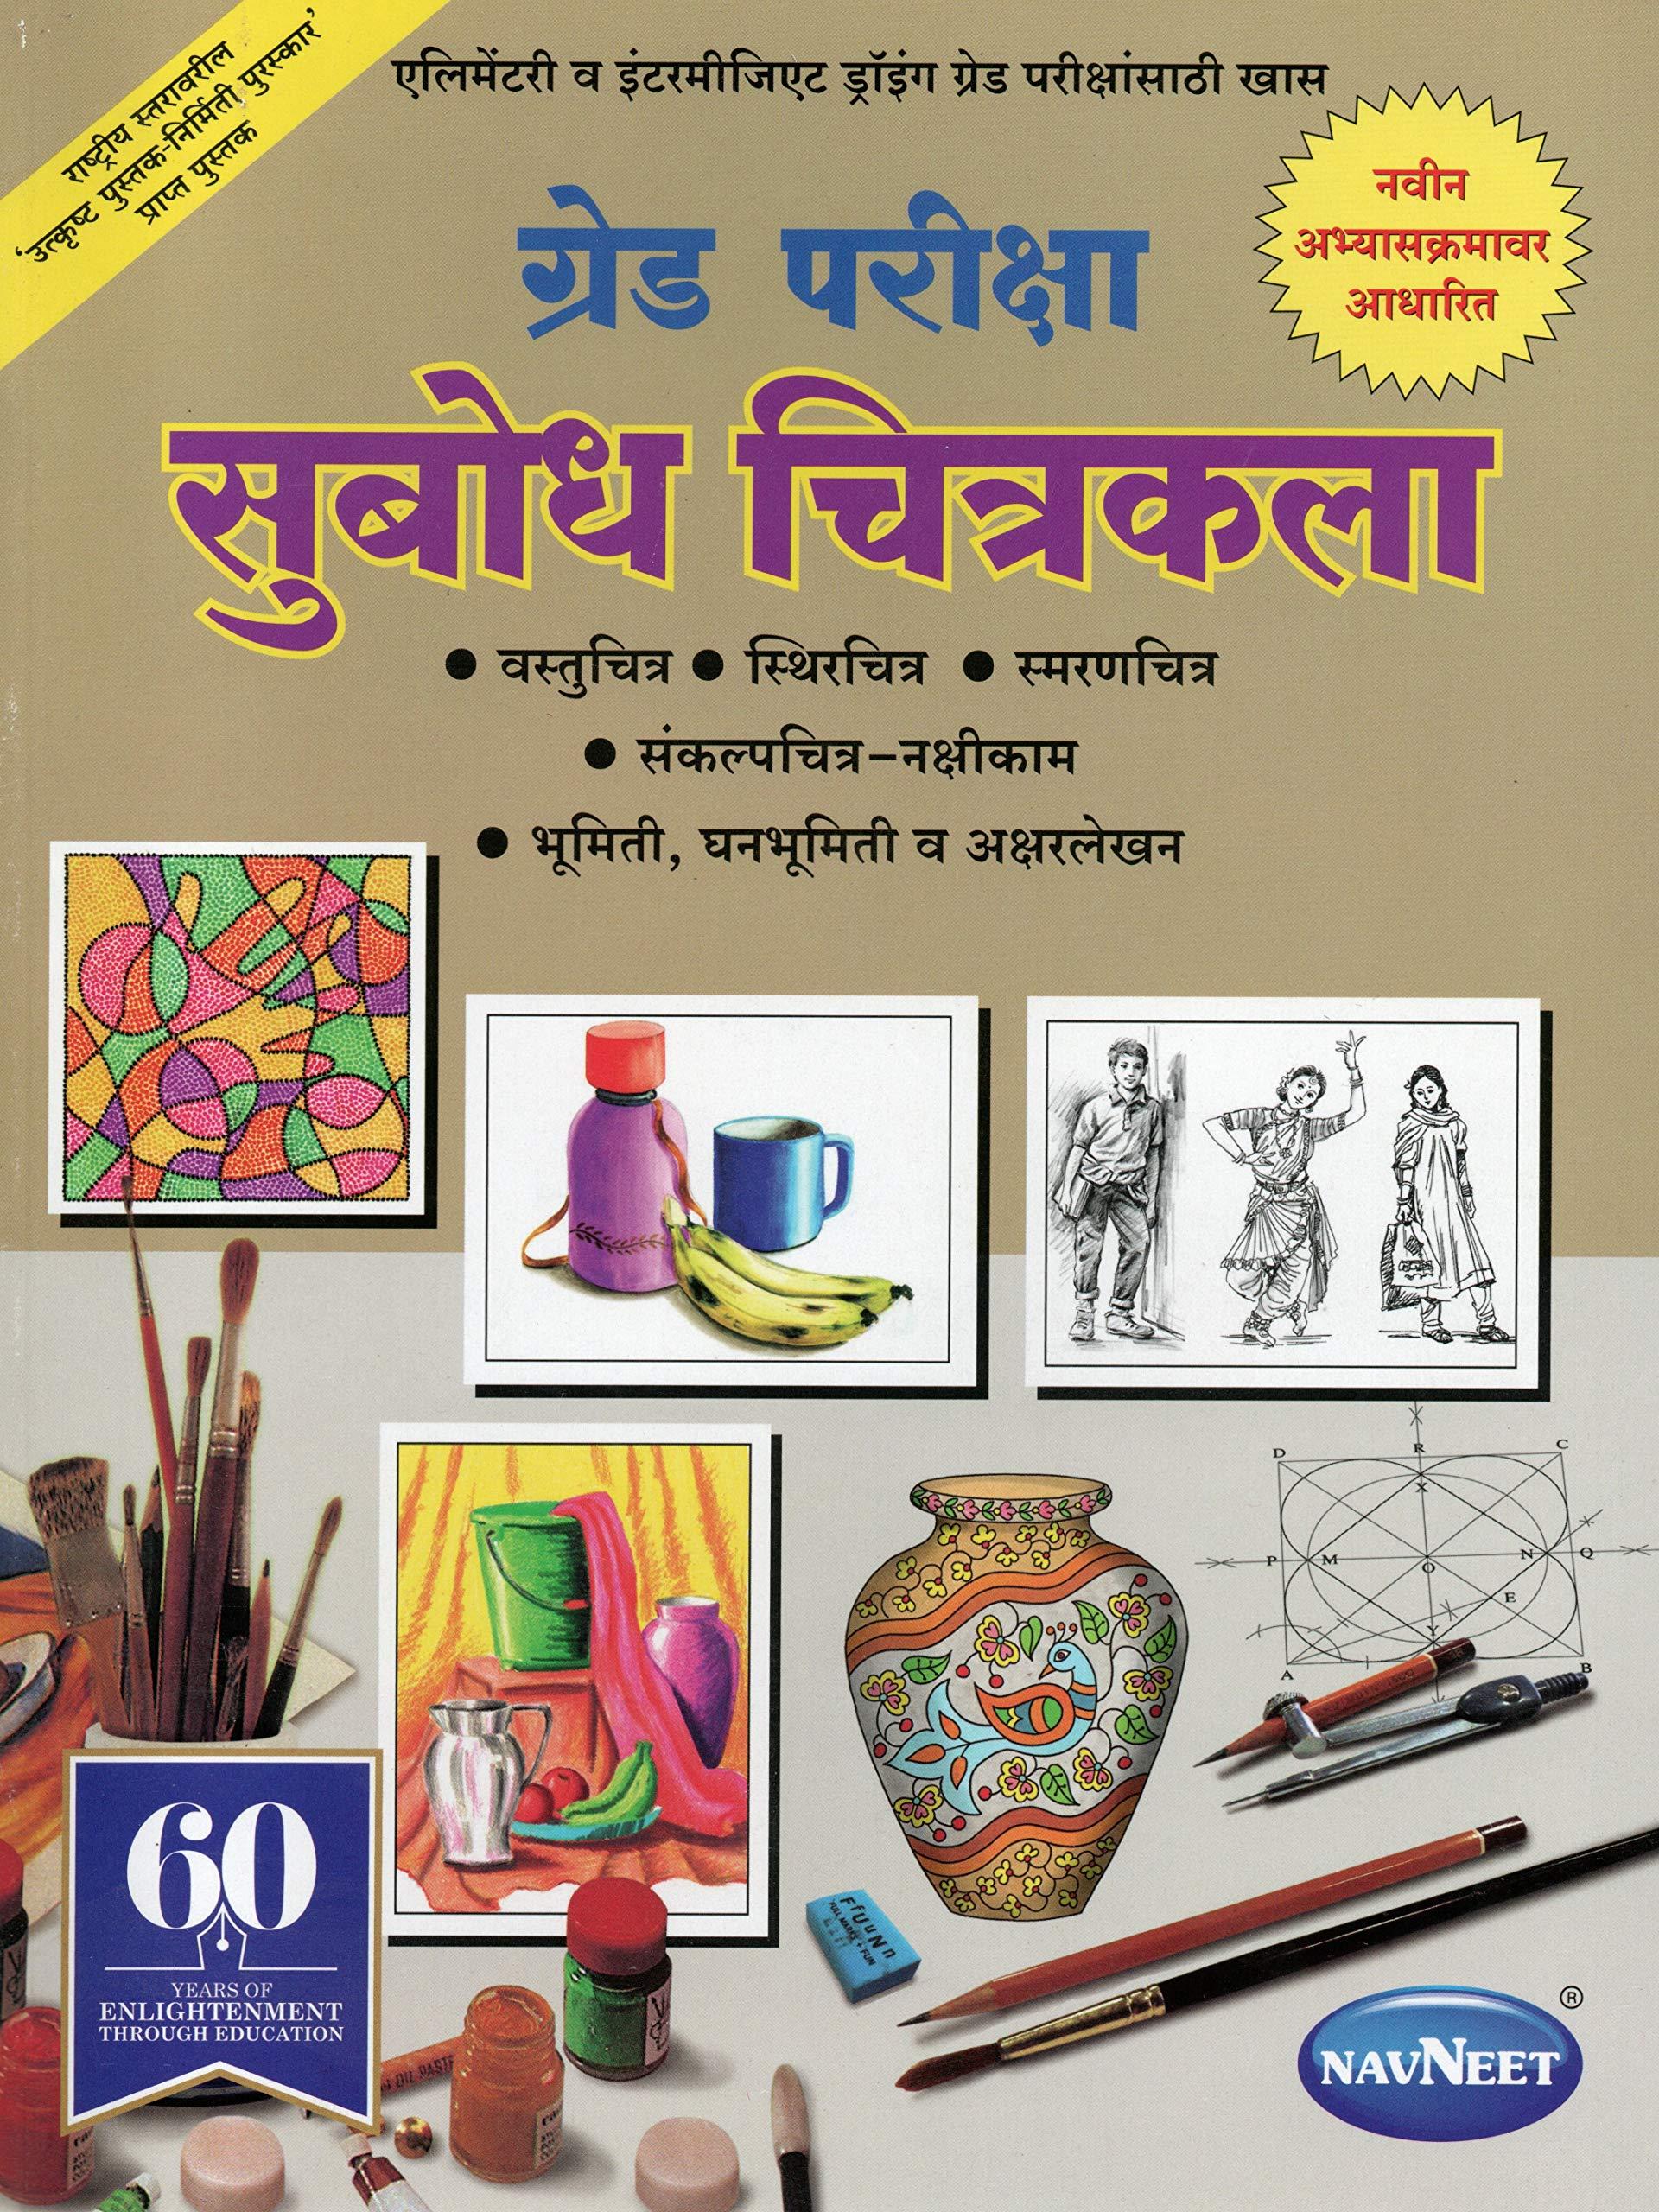 Buy Grade Pariksha Subodh Chitrakala Book Marathi Medium Book Online At Low Prices In India Grade Pariksha Subodh Chitrakala Book Marathi Medium Reviews Ratings Amazon In